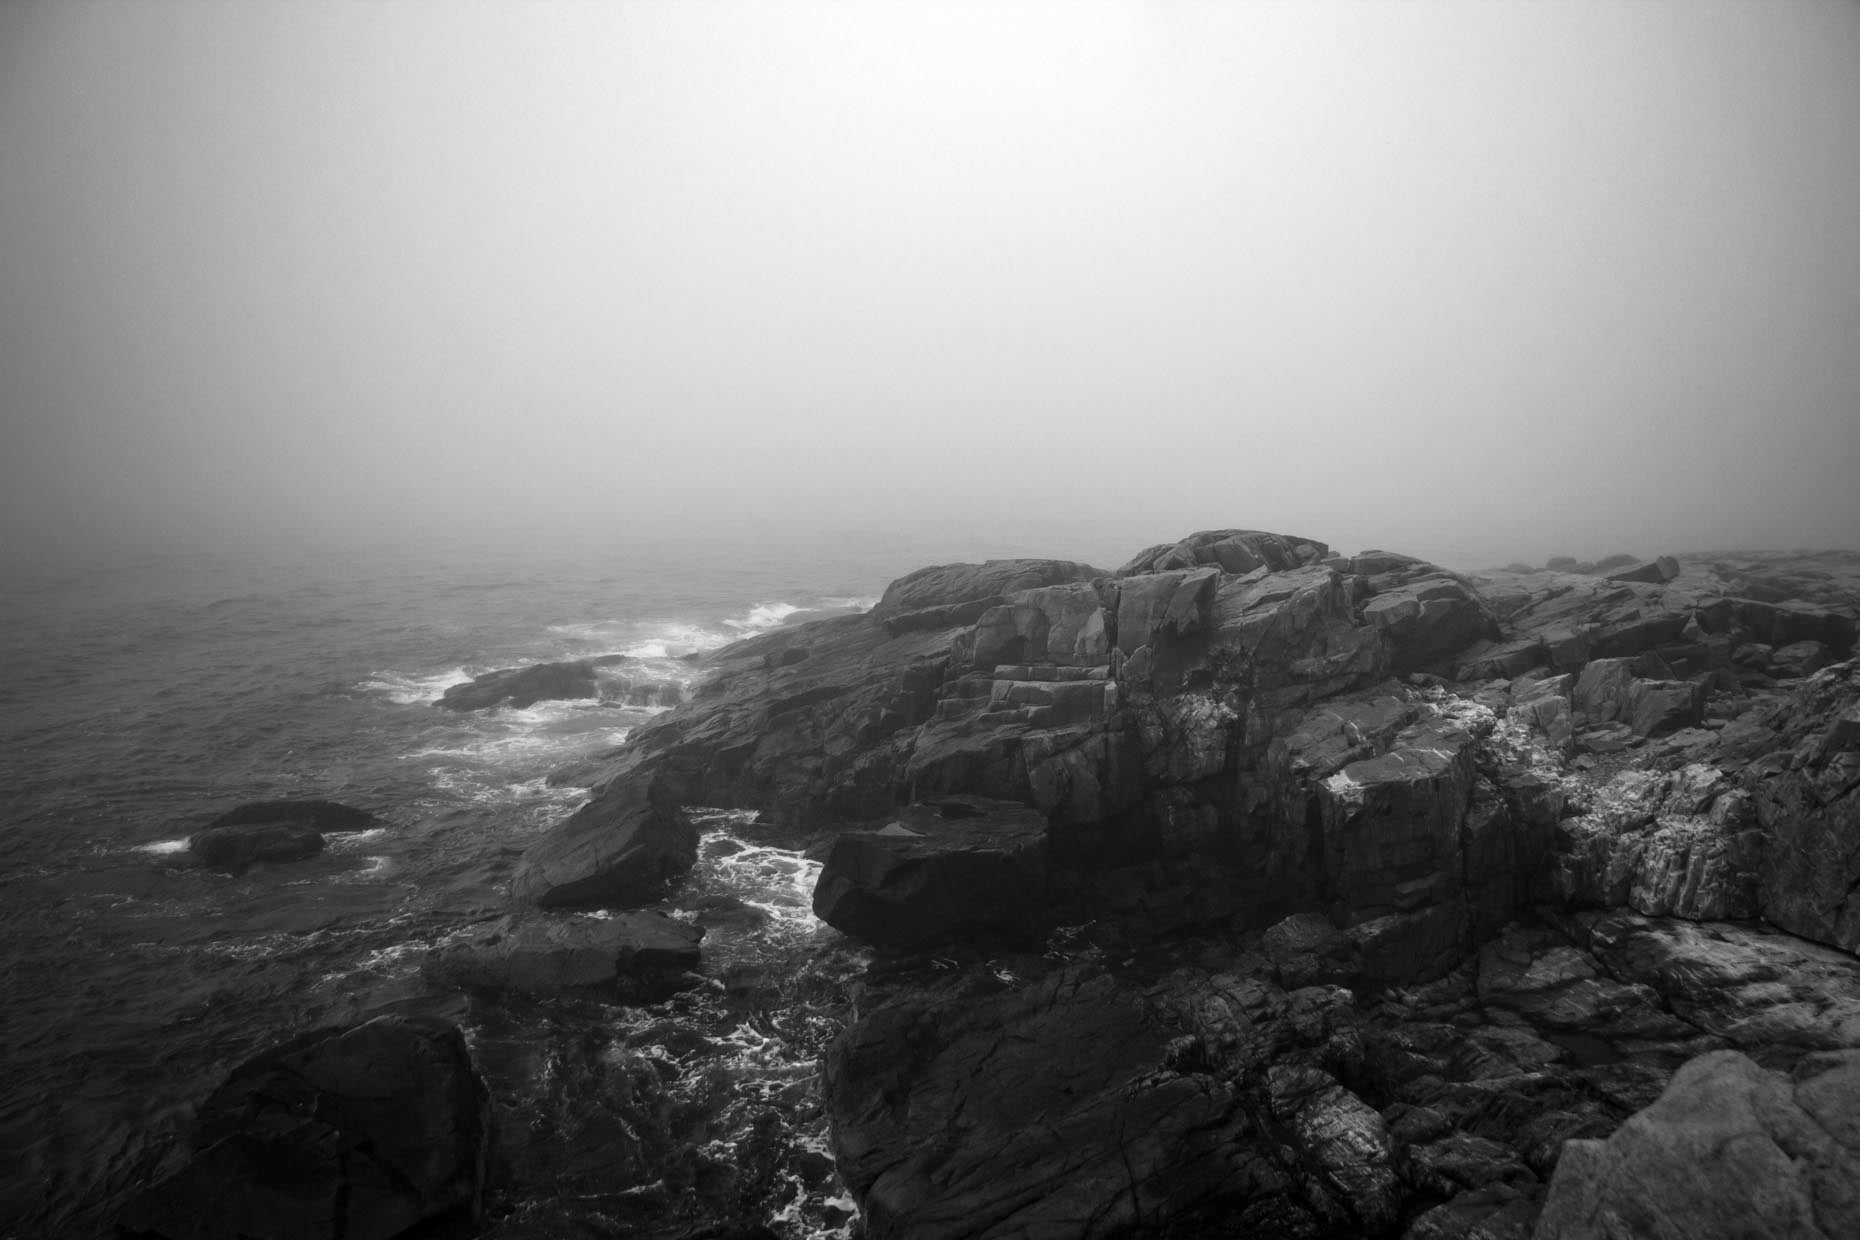 AcadiaFoggyCliffs_04.bw.jpg